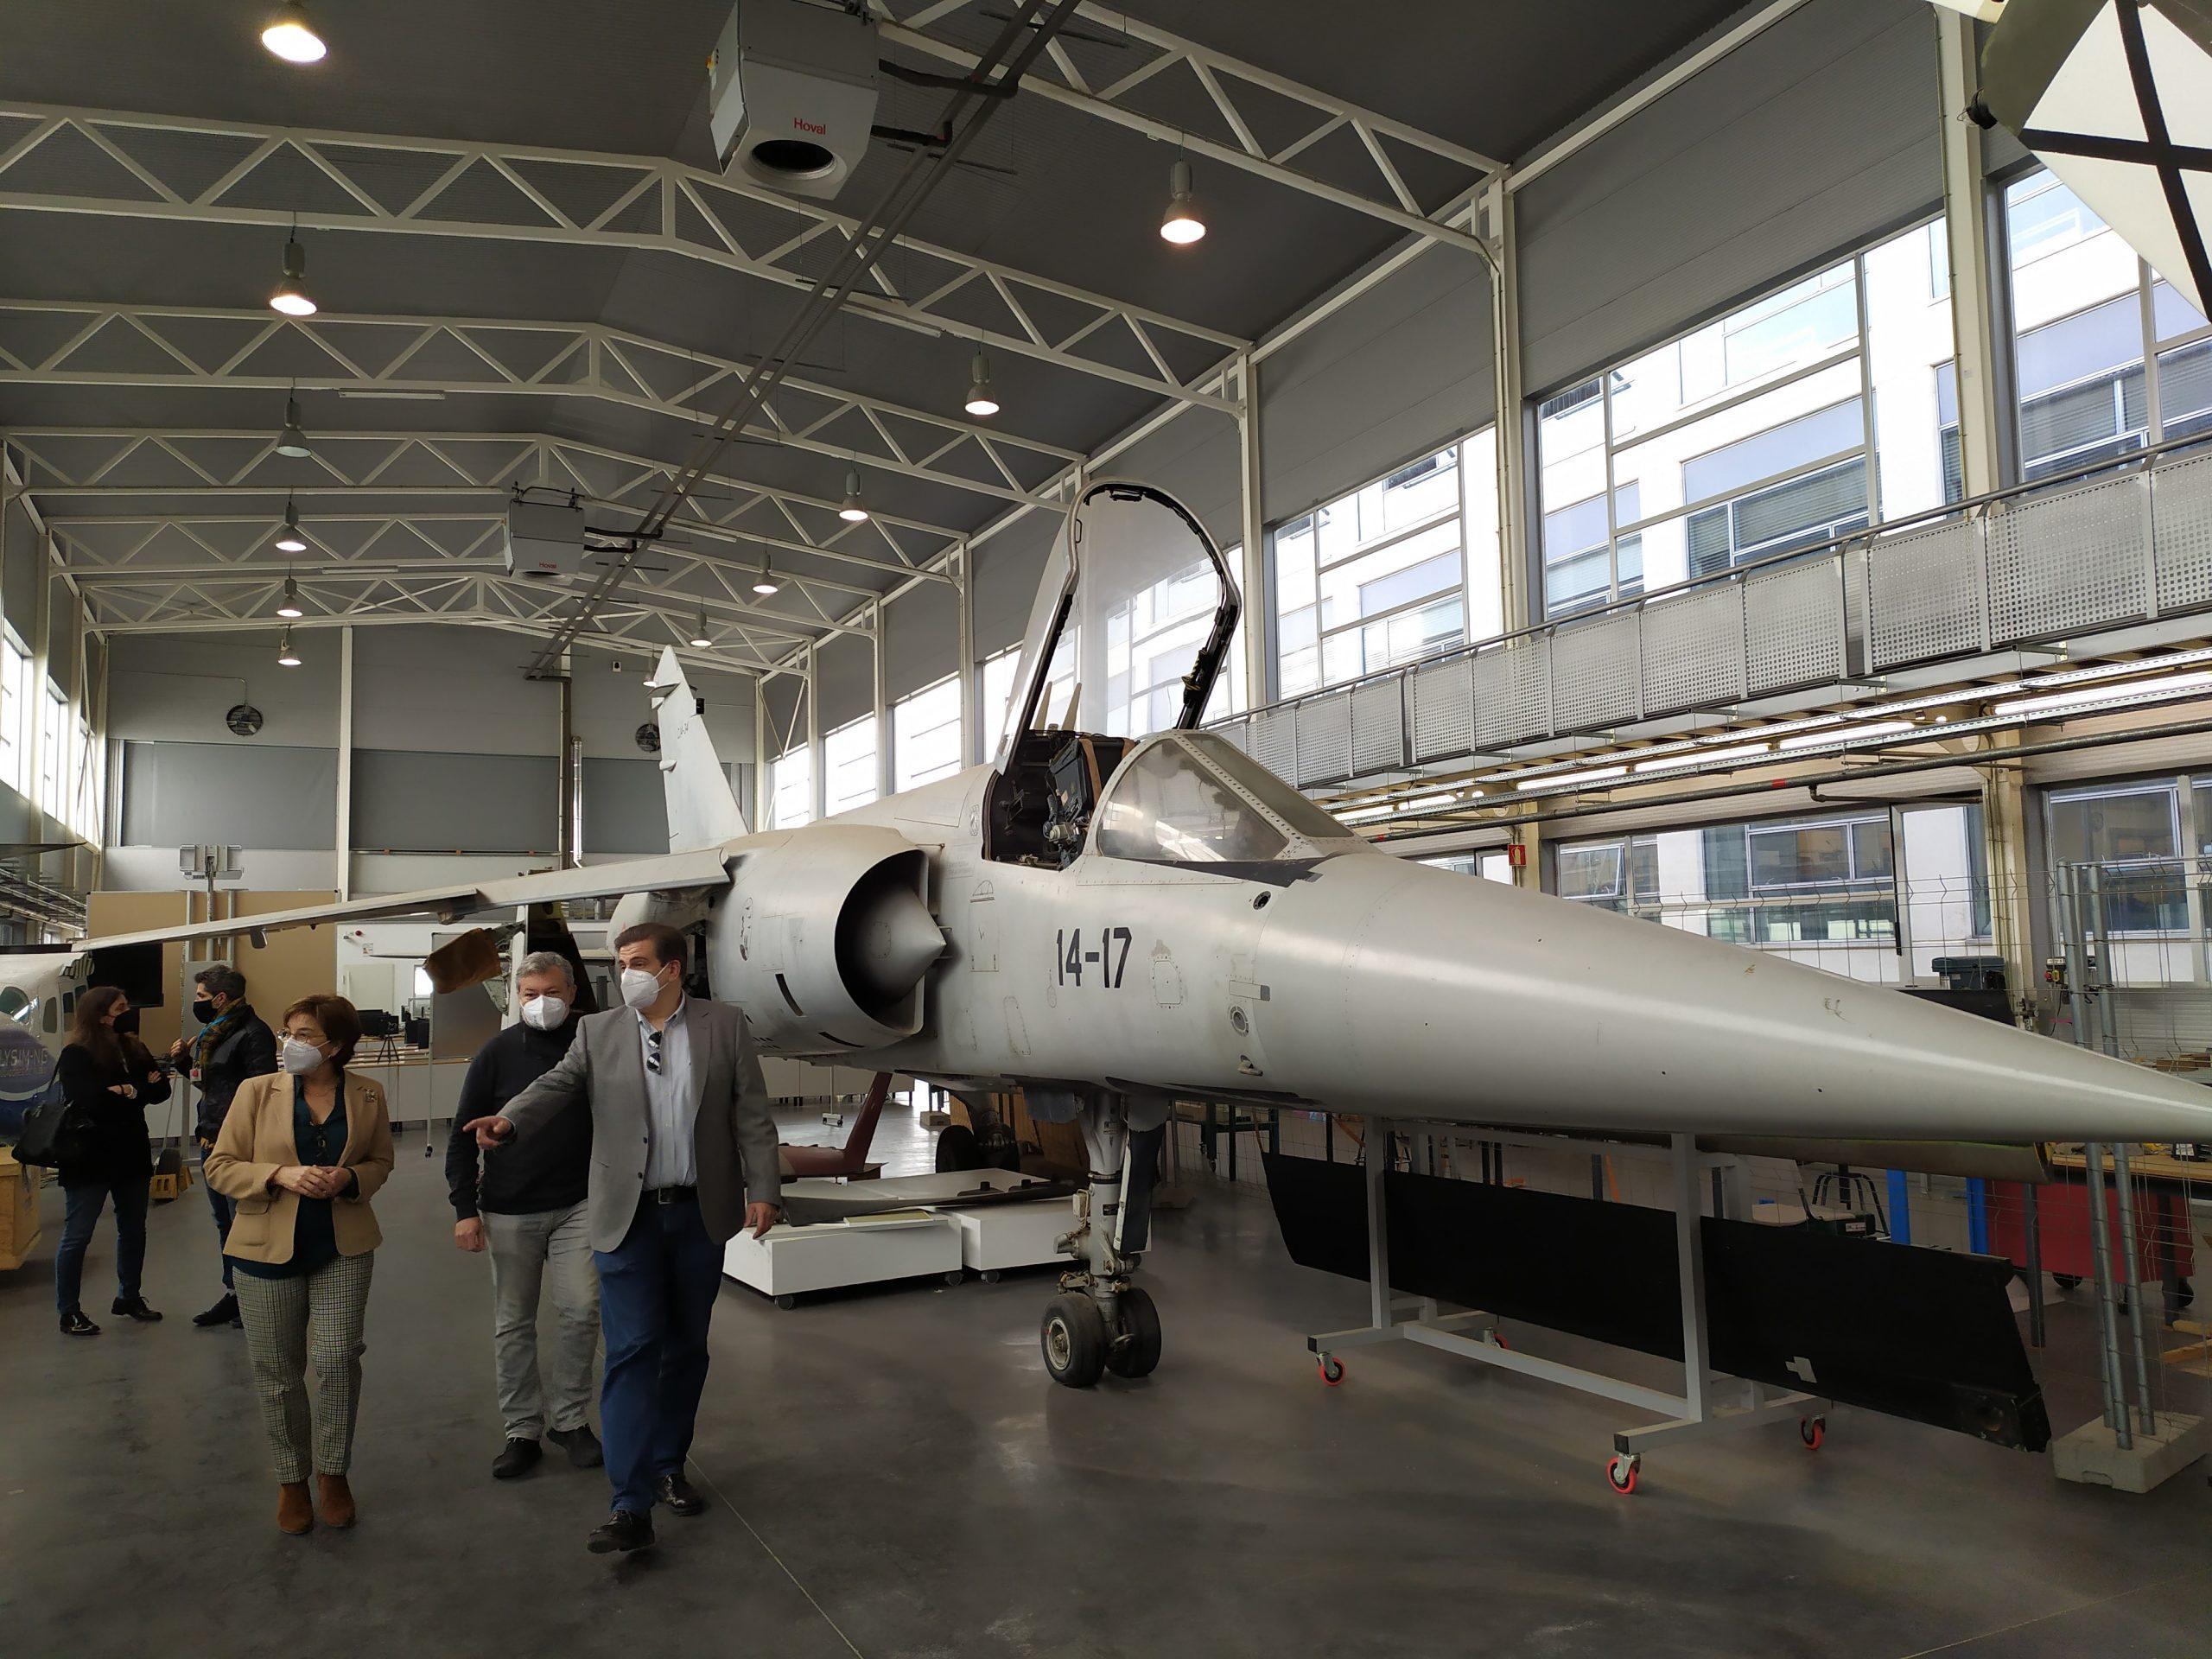 El aeropuerto de Castellón abre vías de colaboración con la UPV para favorecer la innovación en los ámbitos aeronáutico y aeroespacial